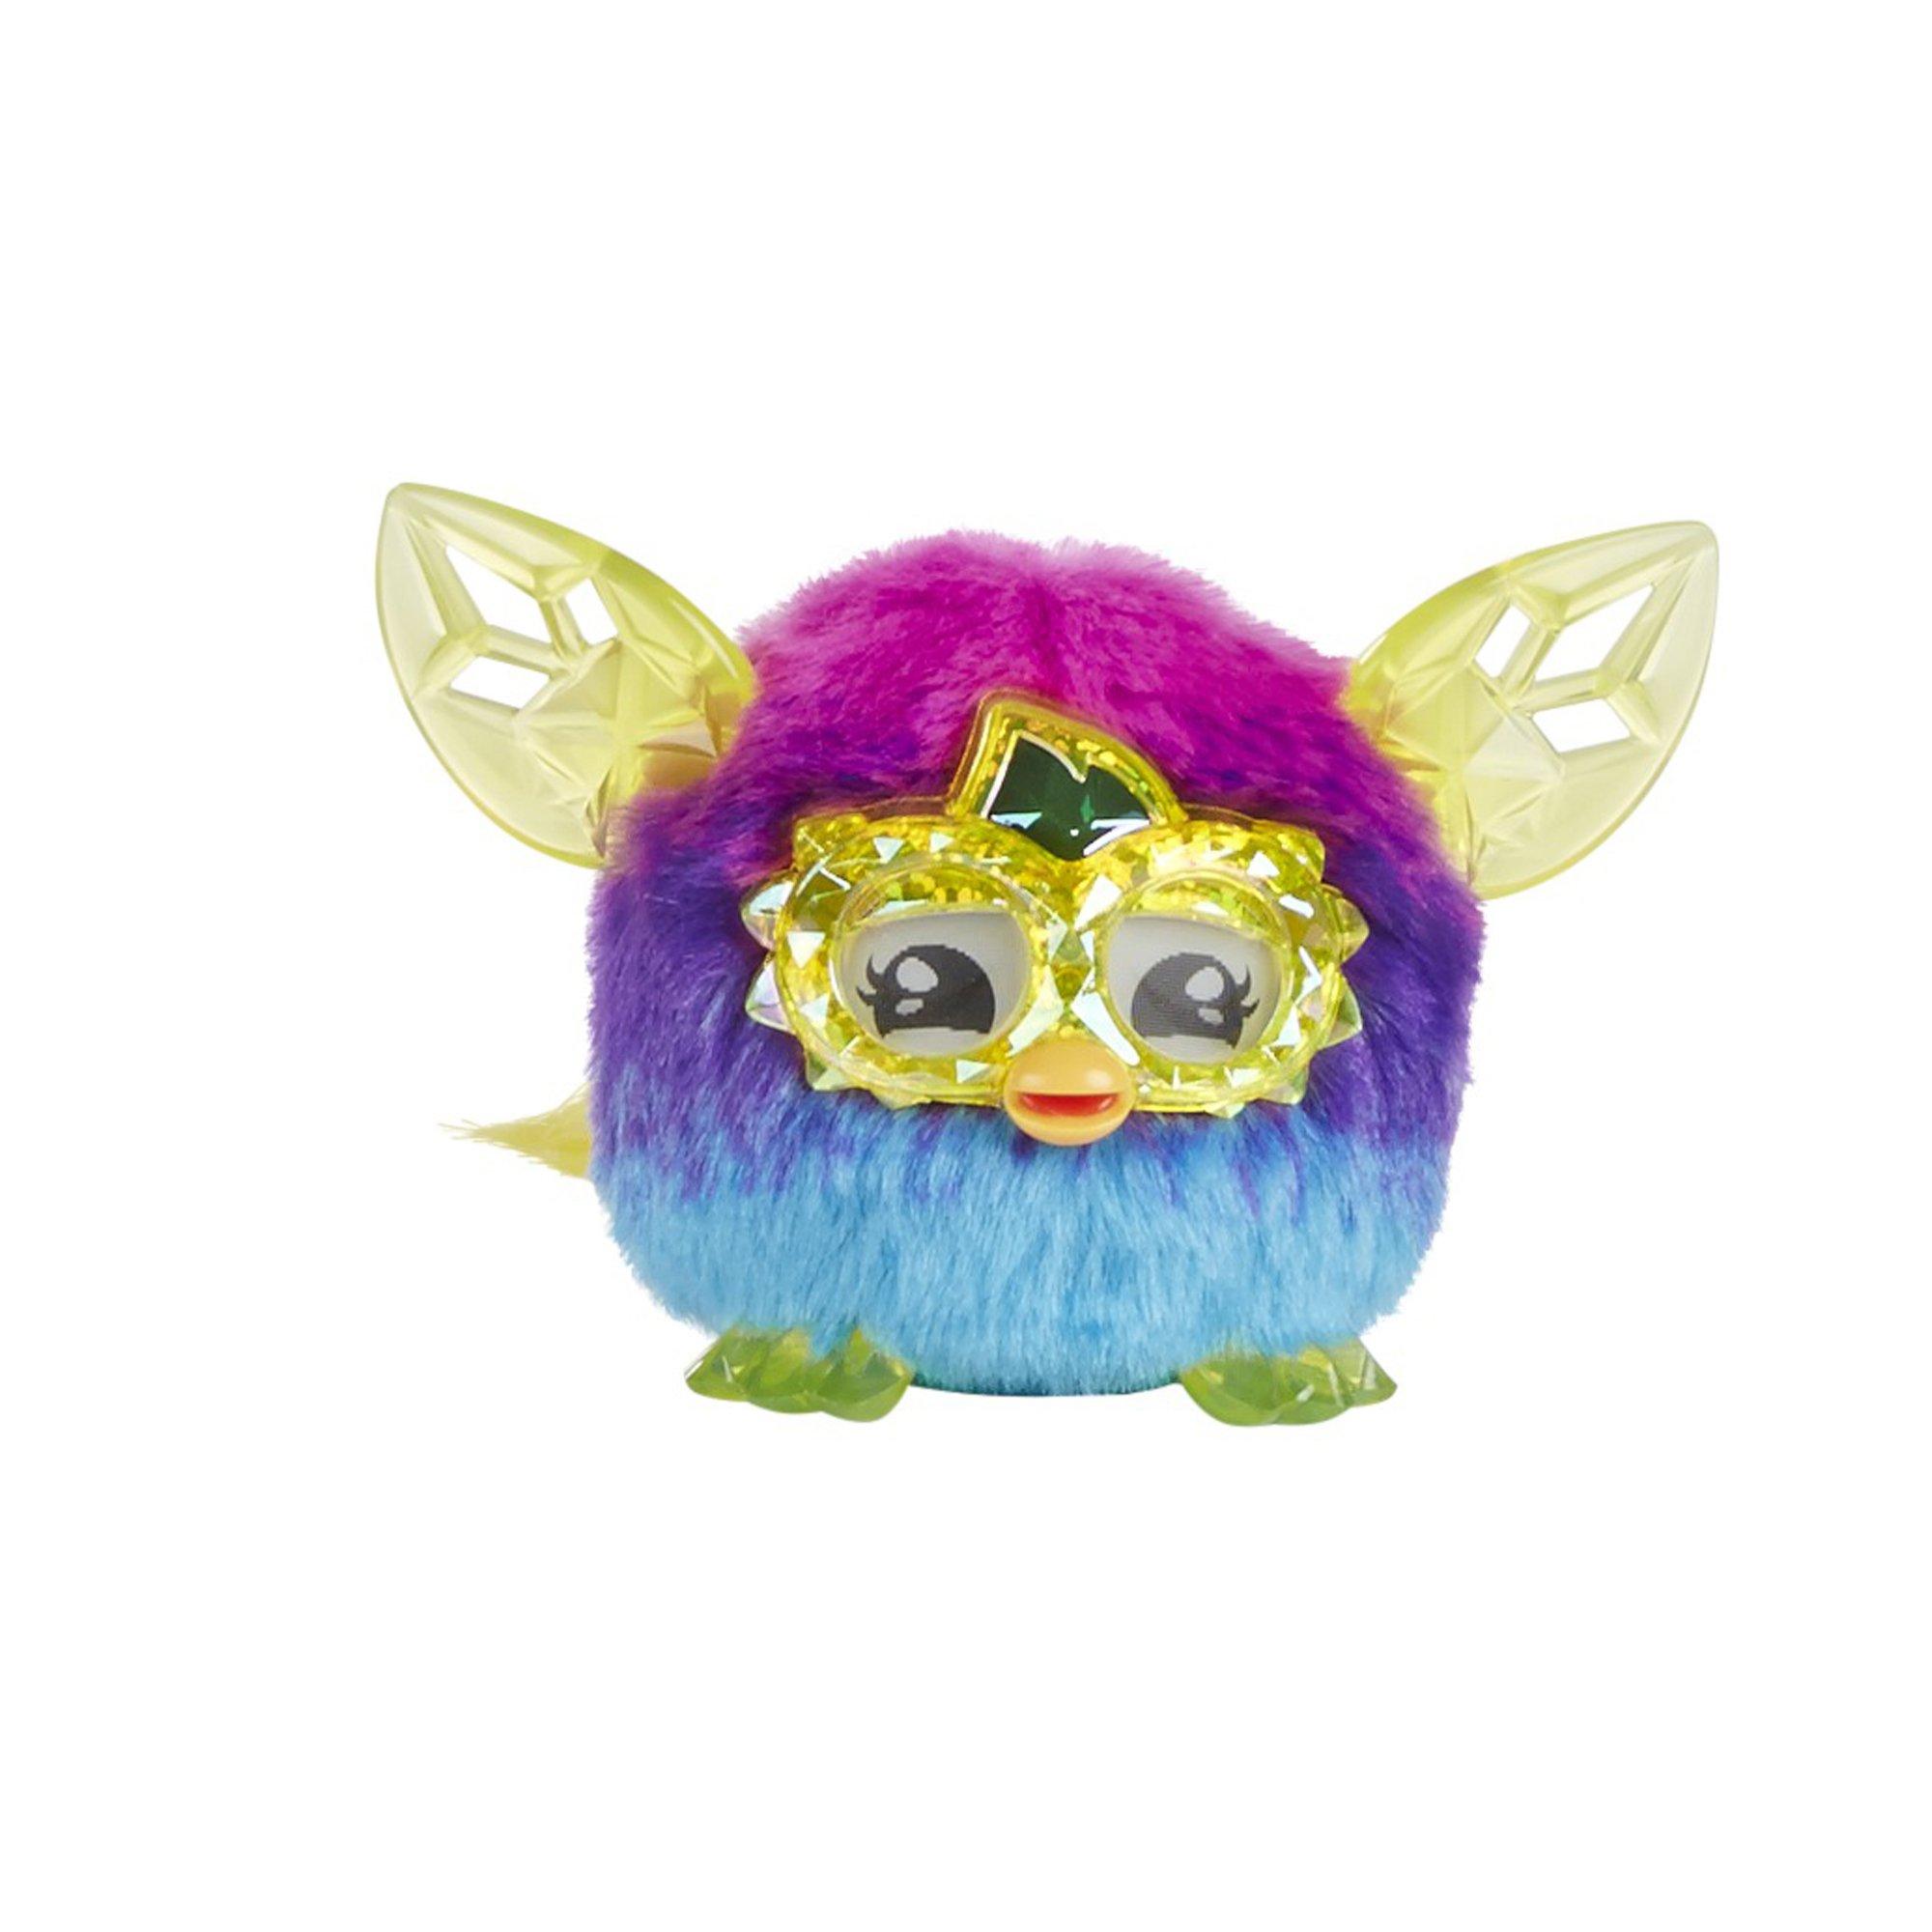 Furby Furblings Creature Plush, Pink/Blue